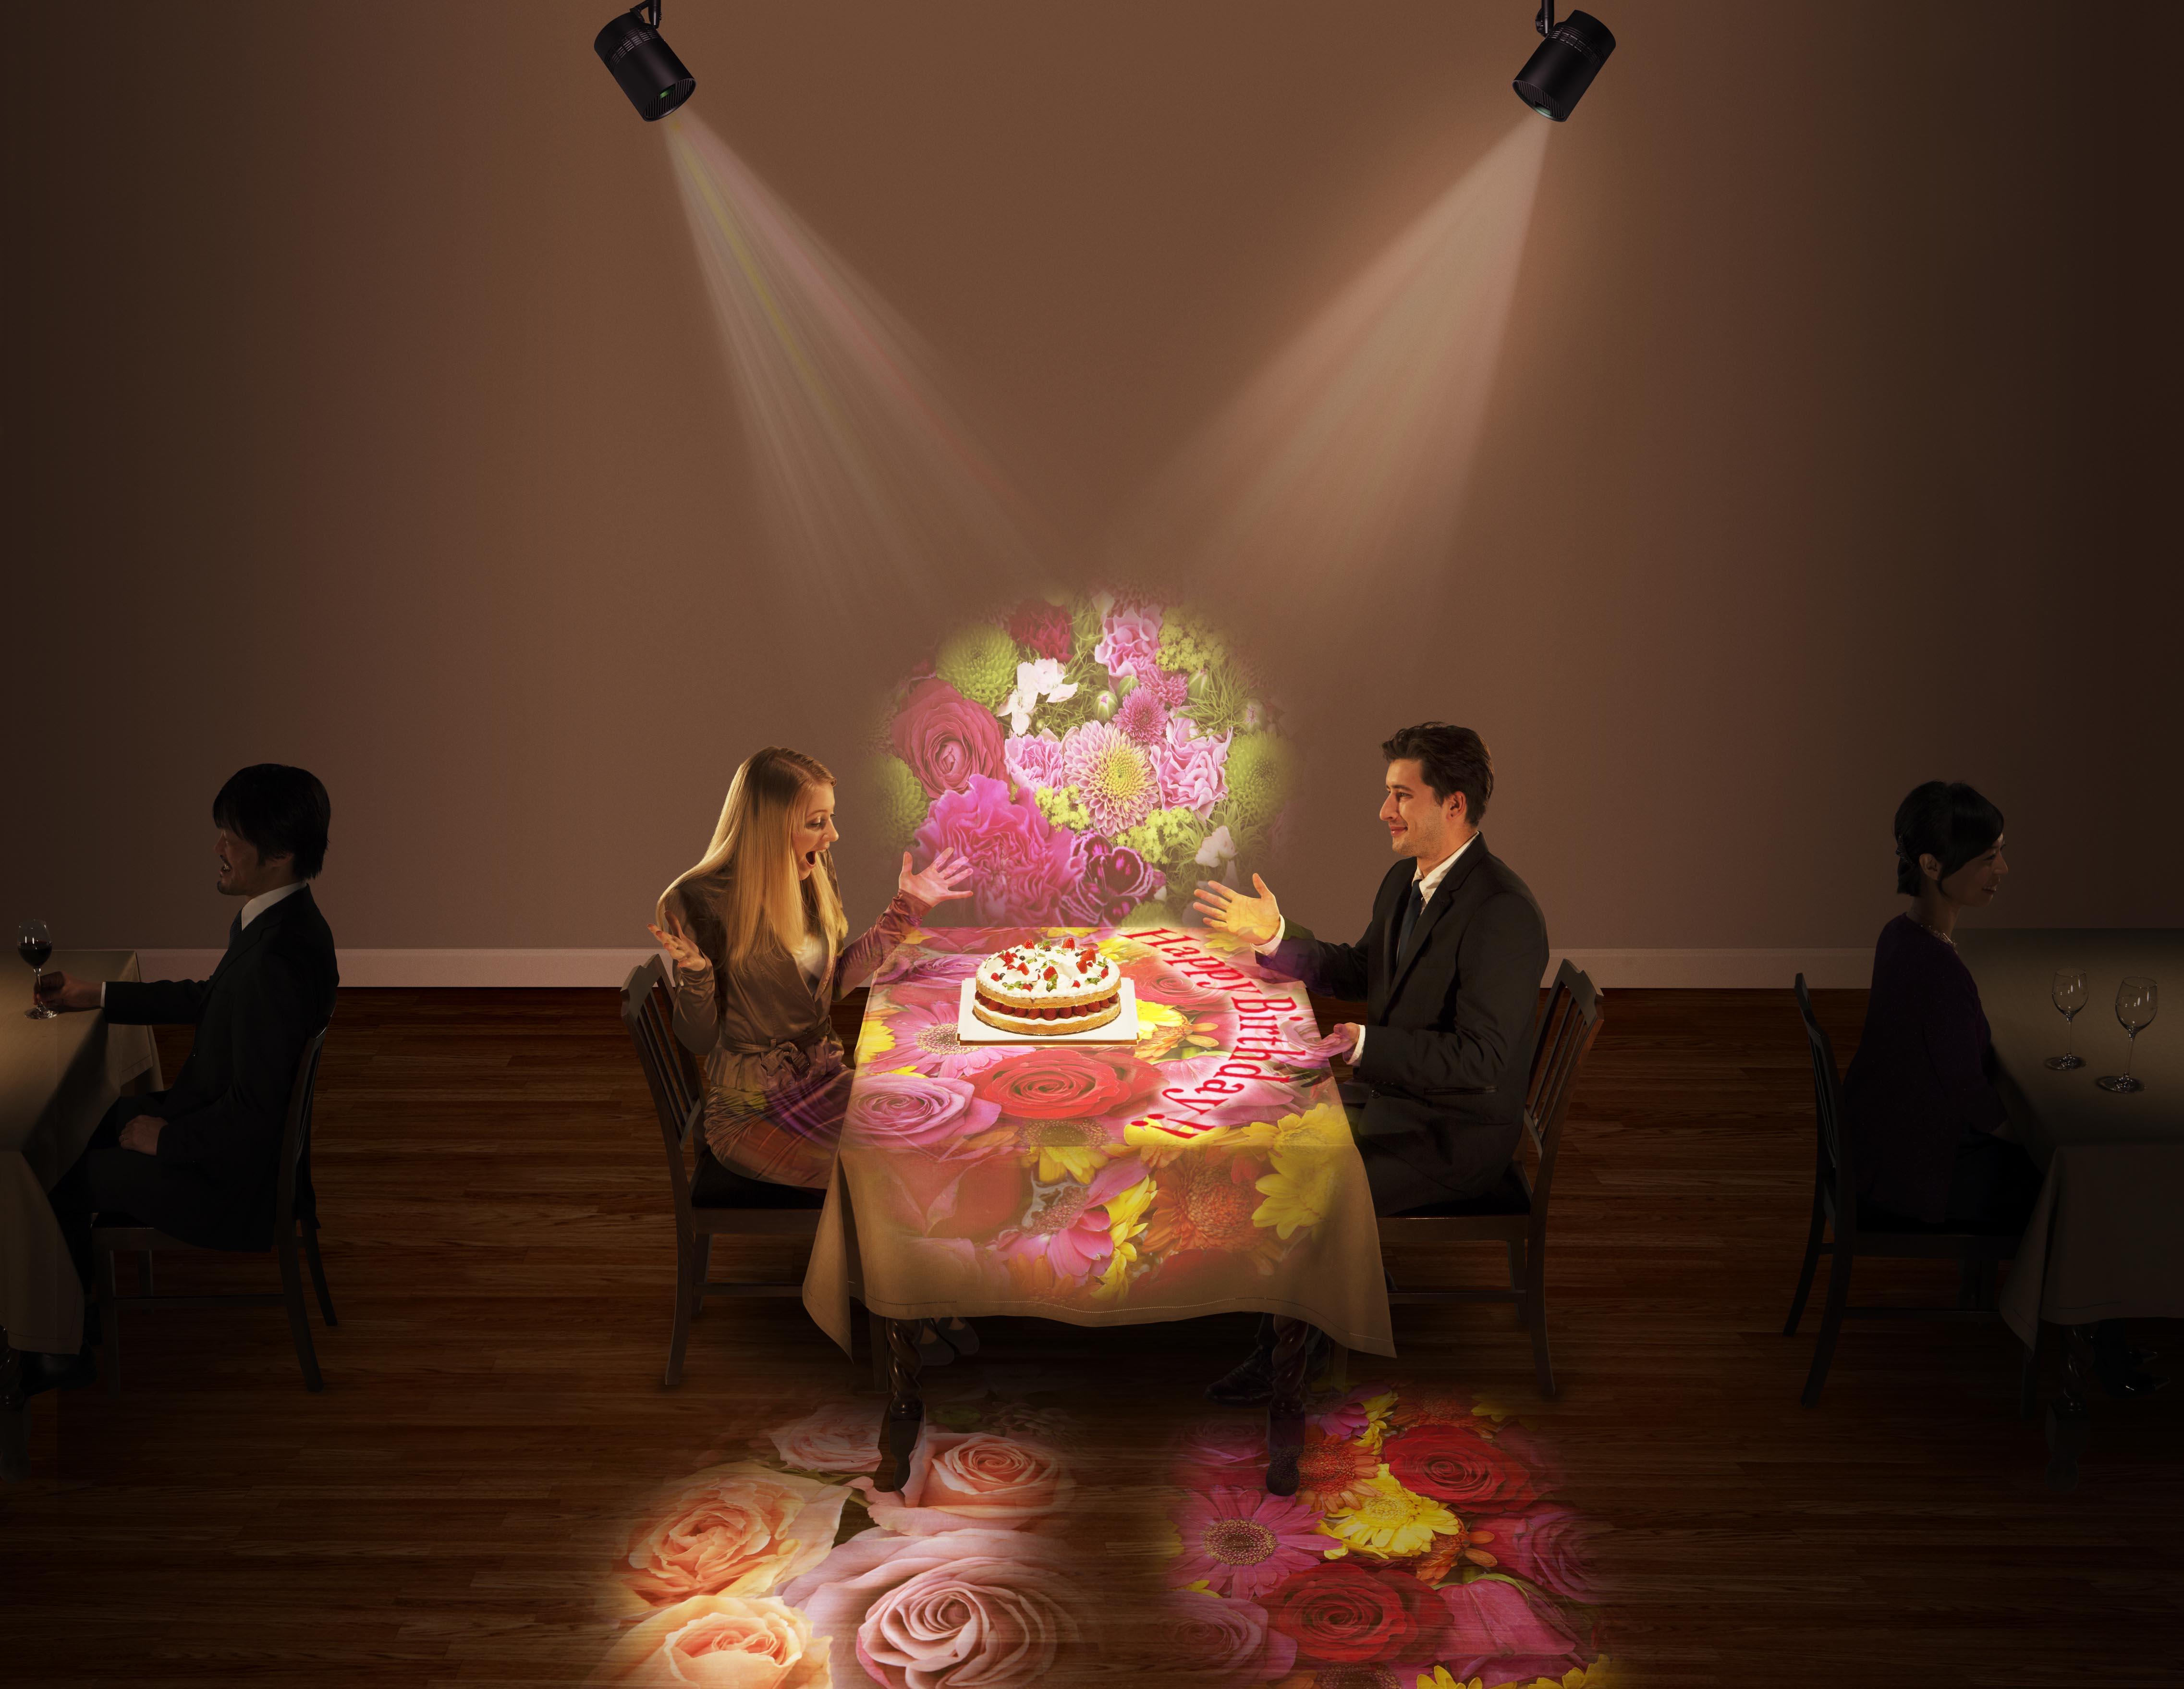 照明と映像の融合でこれまでにない空間演出を実現するパナソニックの「Space Player」